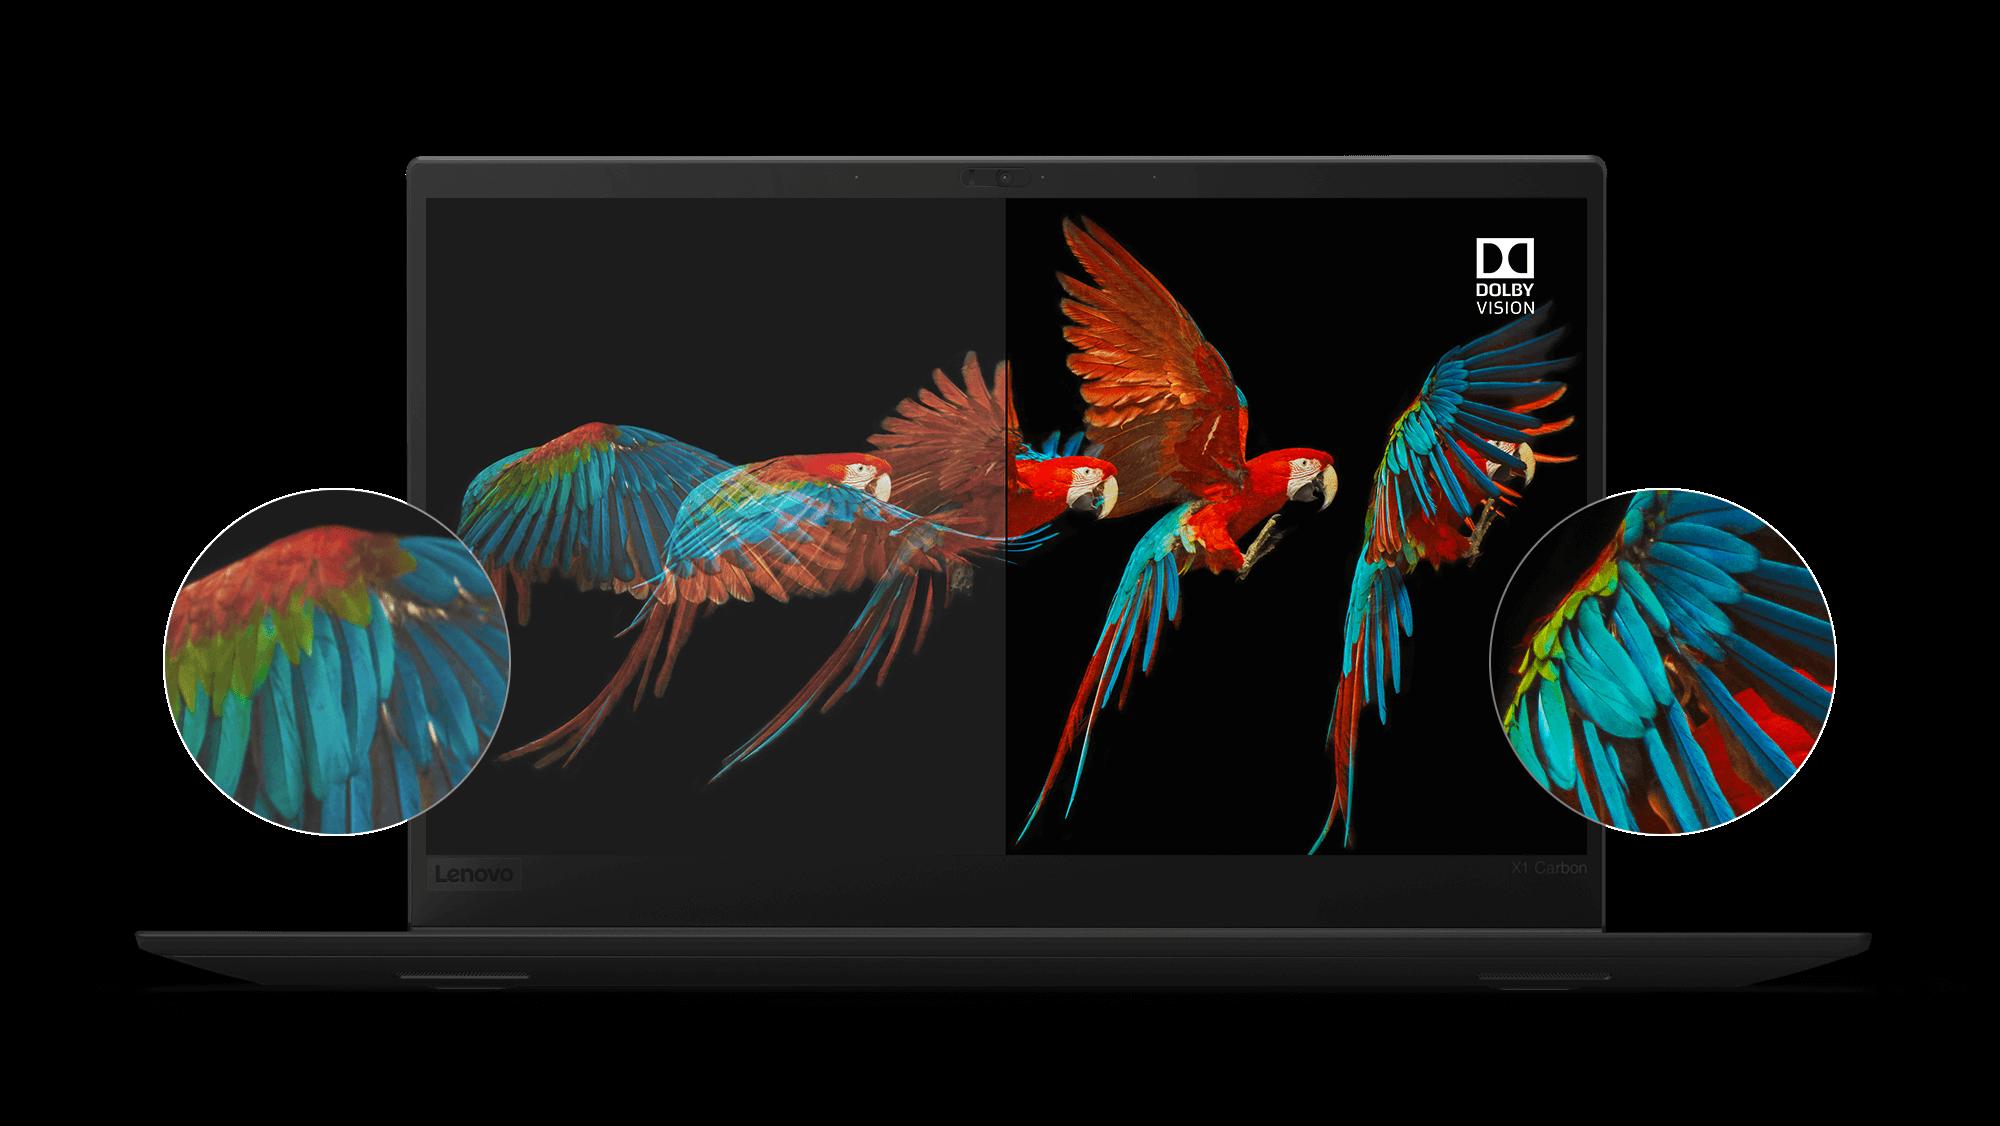 Pantalla Lenovo ThinkPad X1 Carbon HDR con Dolby Vision, que muestra detalles sorprendentes y precisión de color de las alas de un loro en vuelo.